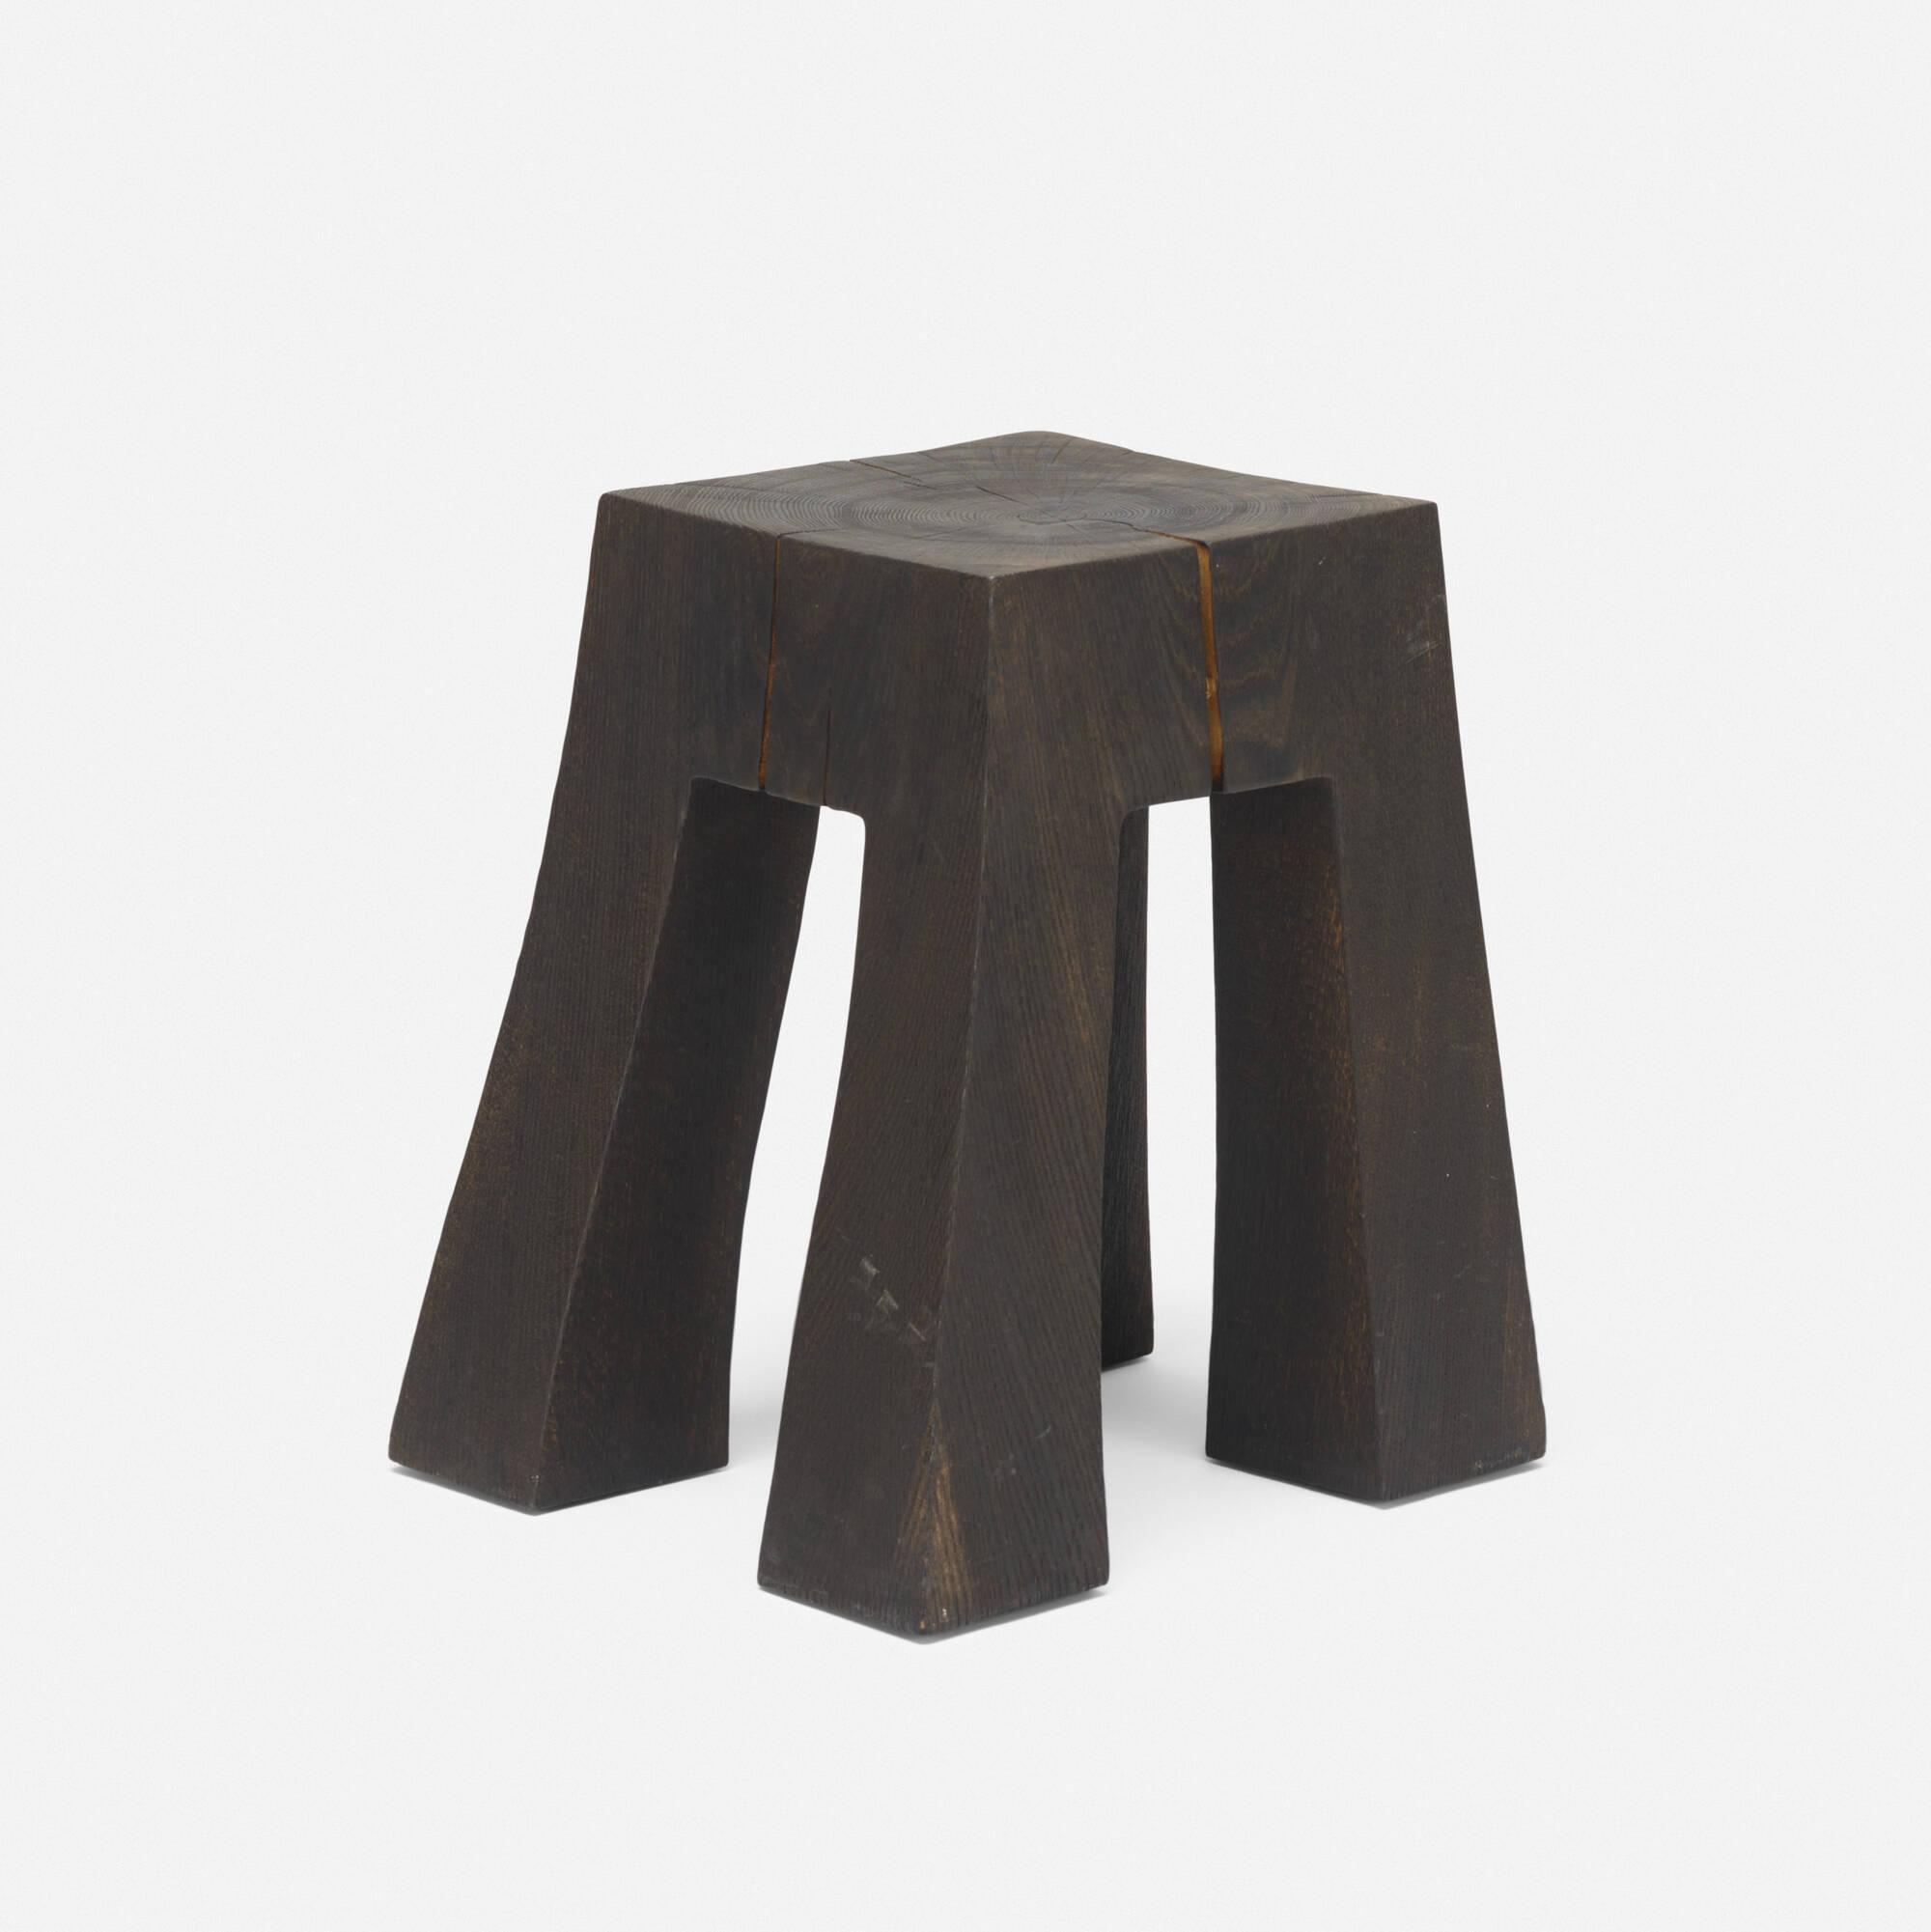 200: Lars Zech / stool (1 of 3)